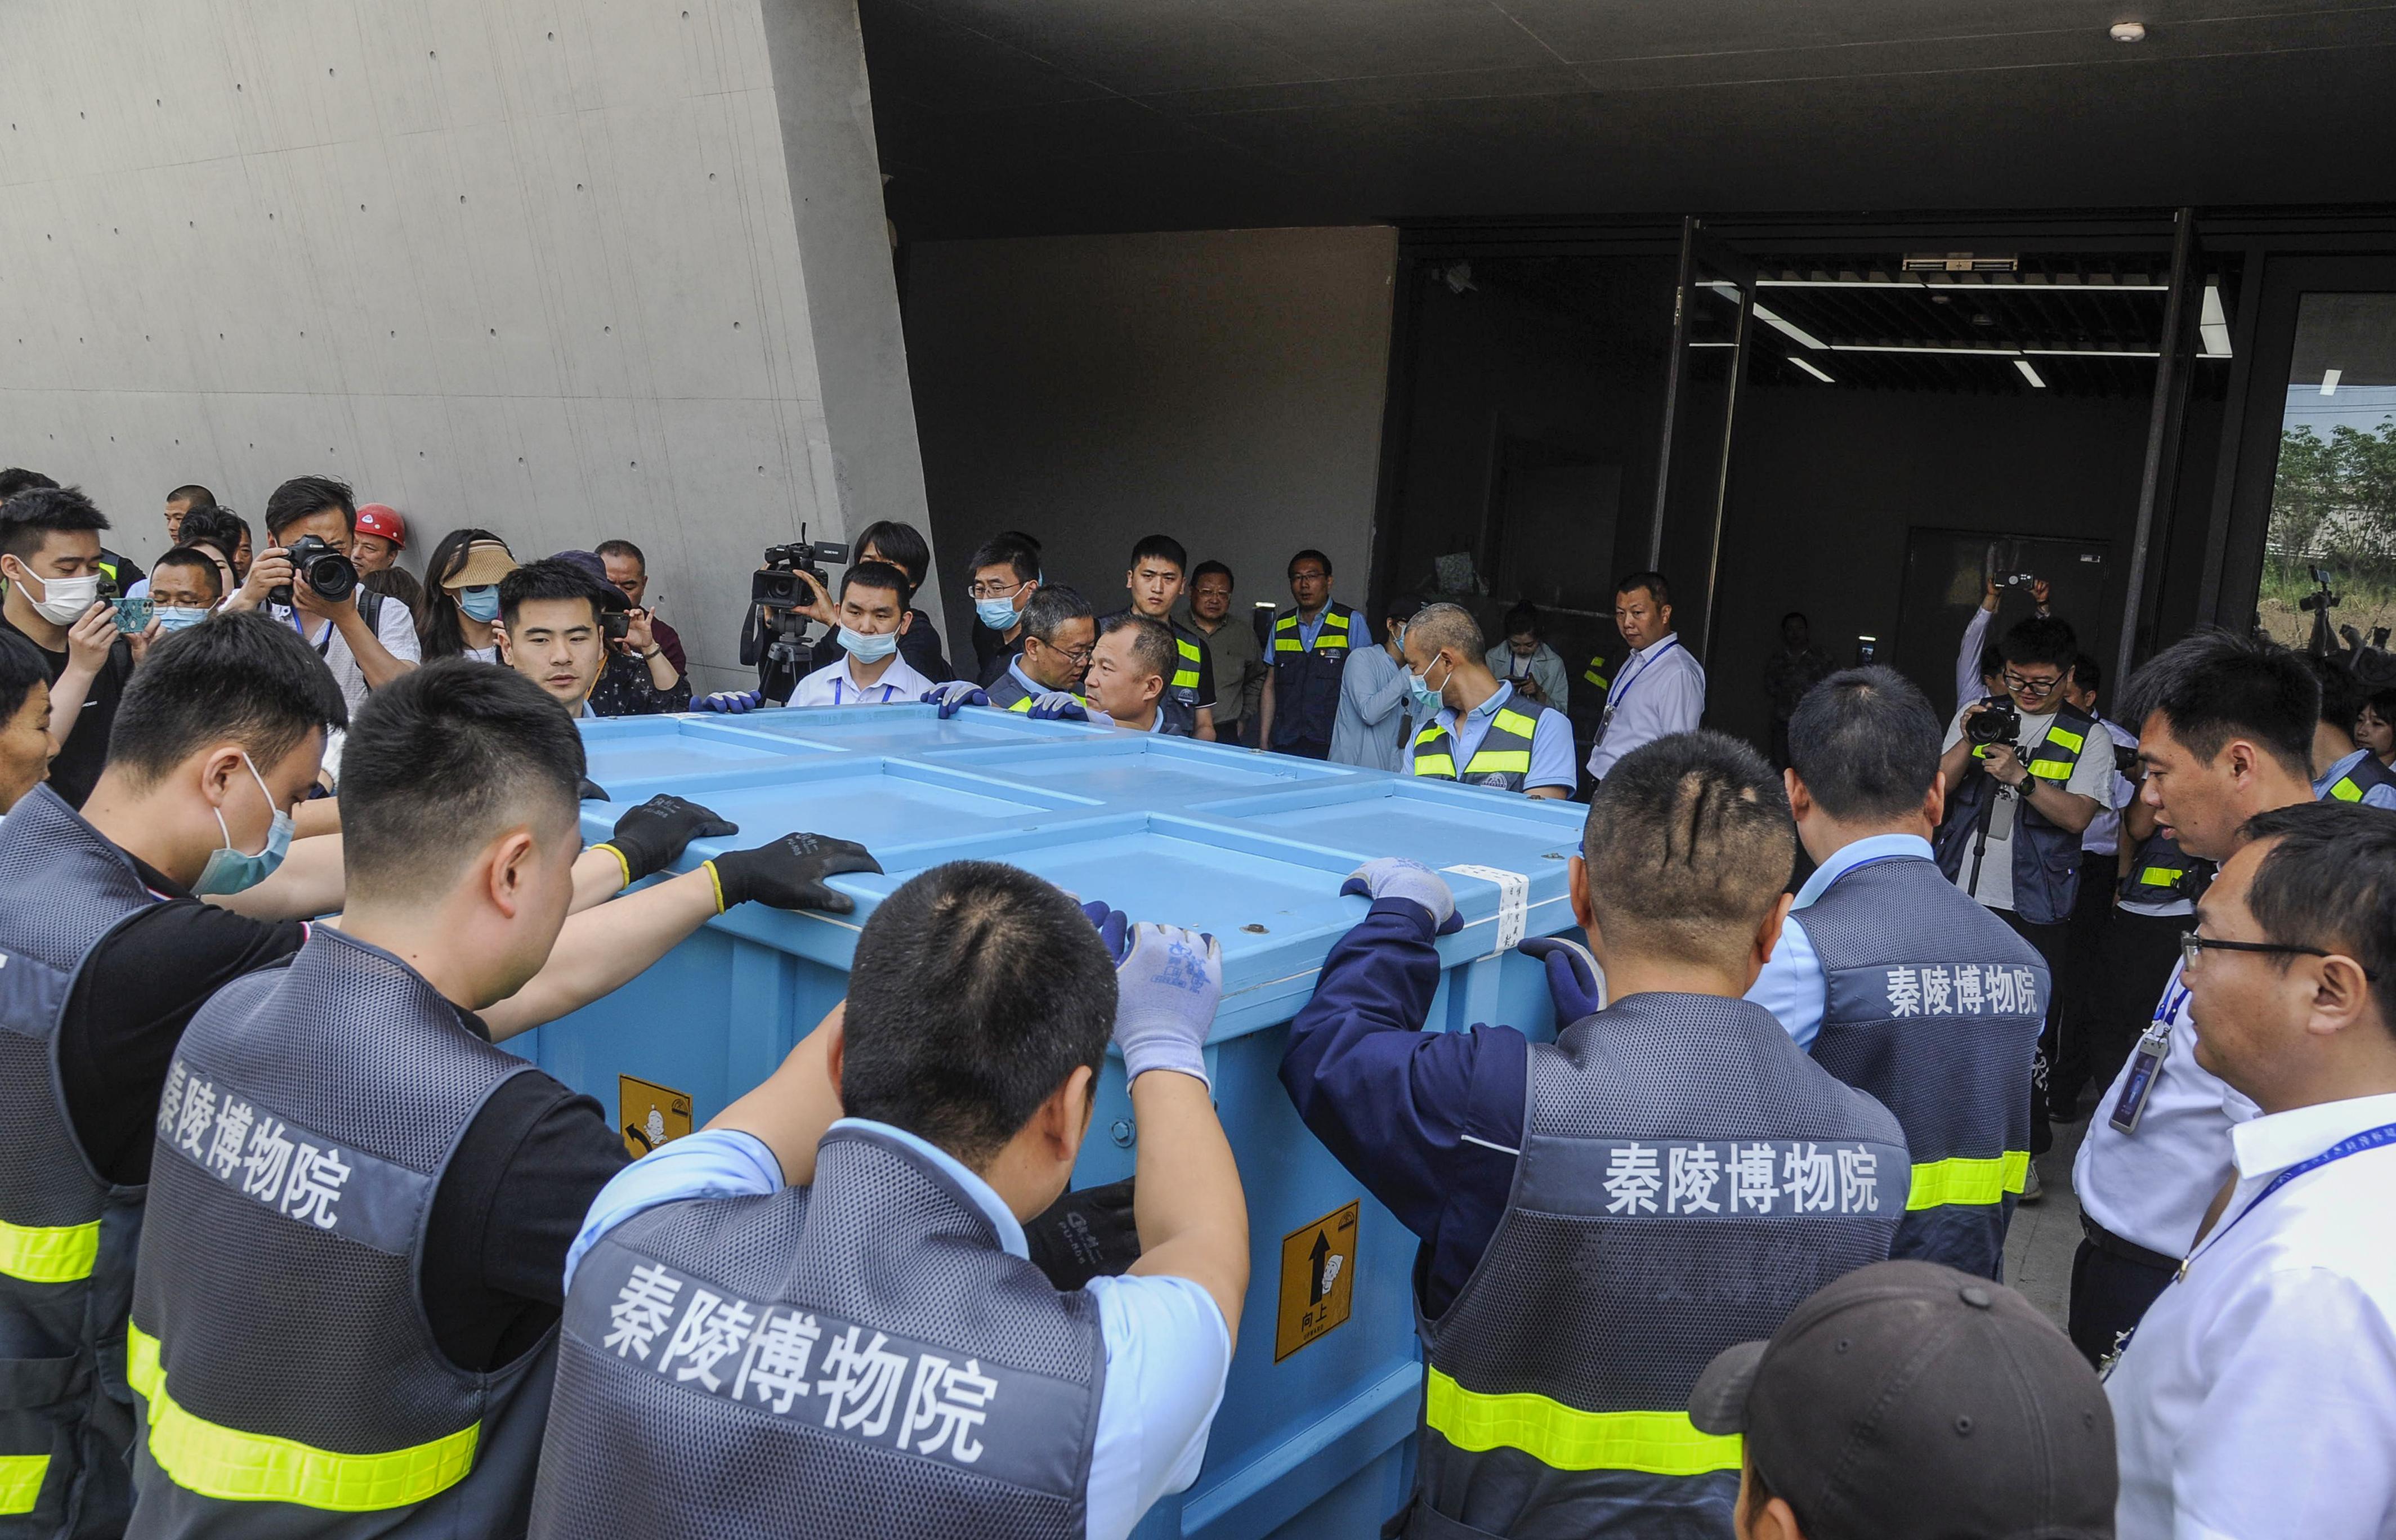 工作人员将卸下的箱子装上平板车推入馆中。随后,工作人员开始进行组装。